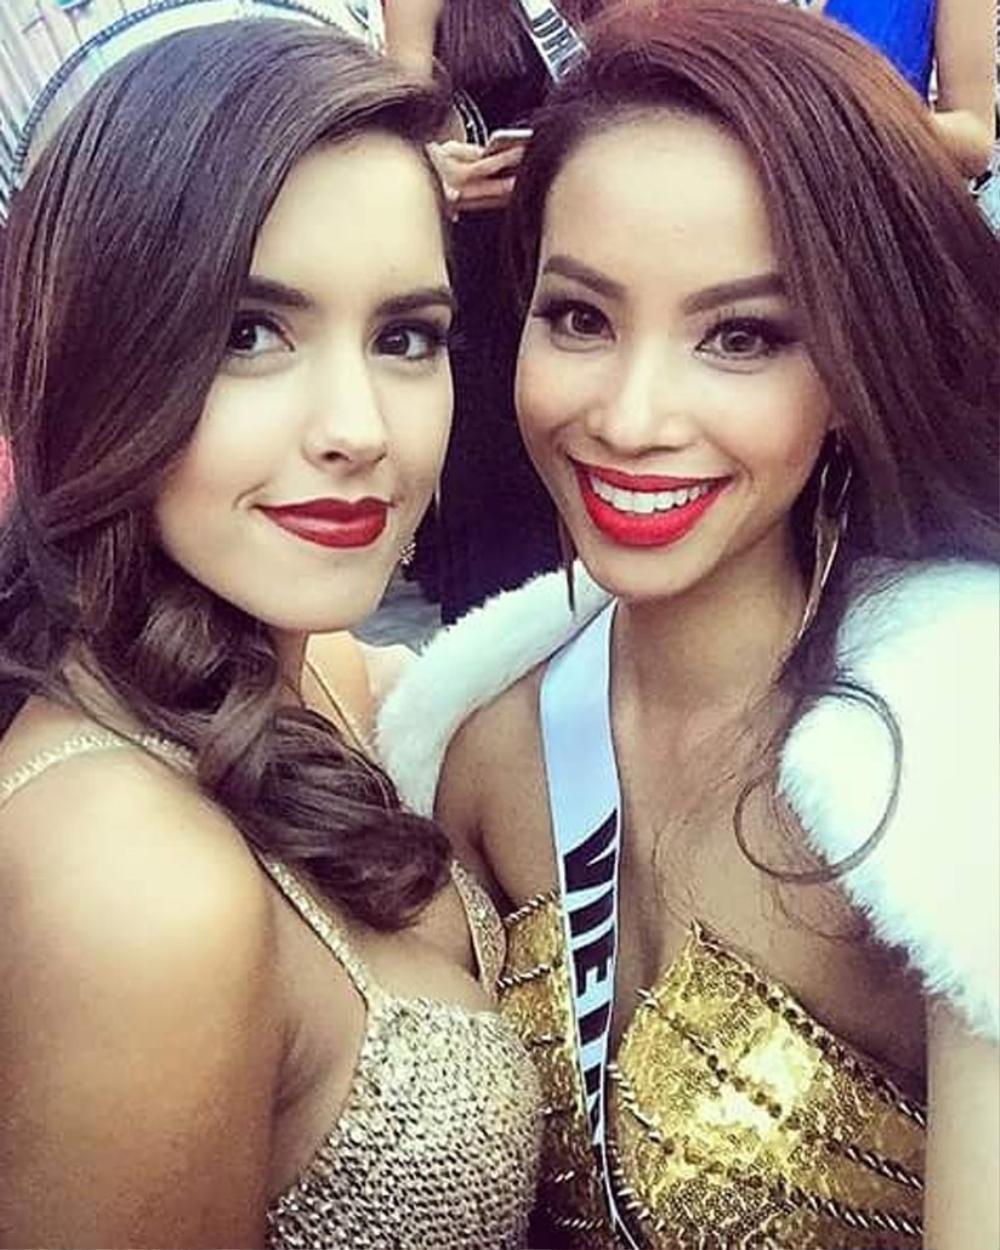 Hoàng My nhắc nhở Khánh Vân: Tuyệt đối không chen hàng, giành vị trí chụp hình khi thi Miss Universe Ảnh 10